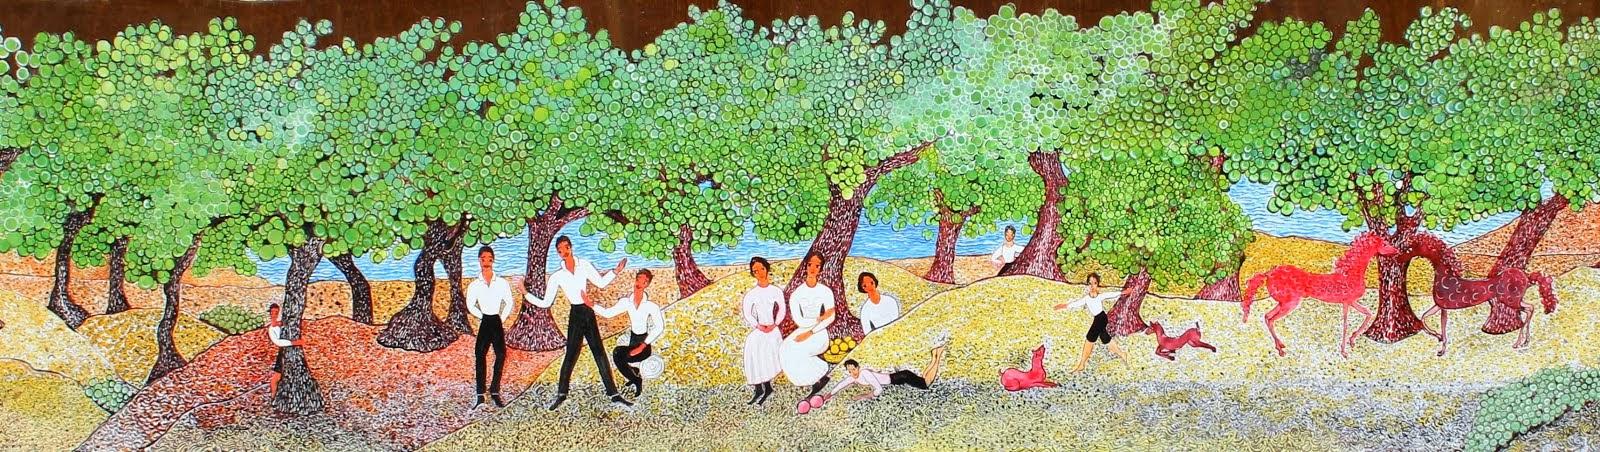 Πίνακας της κας Ανθούλας Λαζαρίδου Δουρούκου